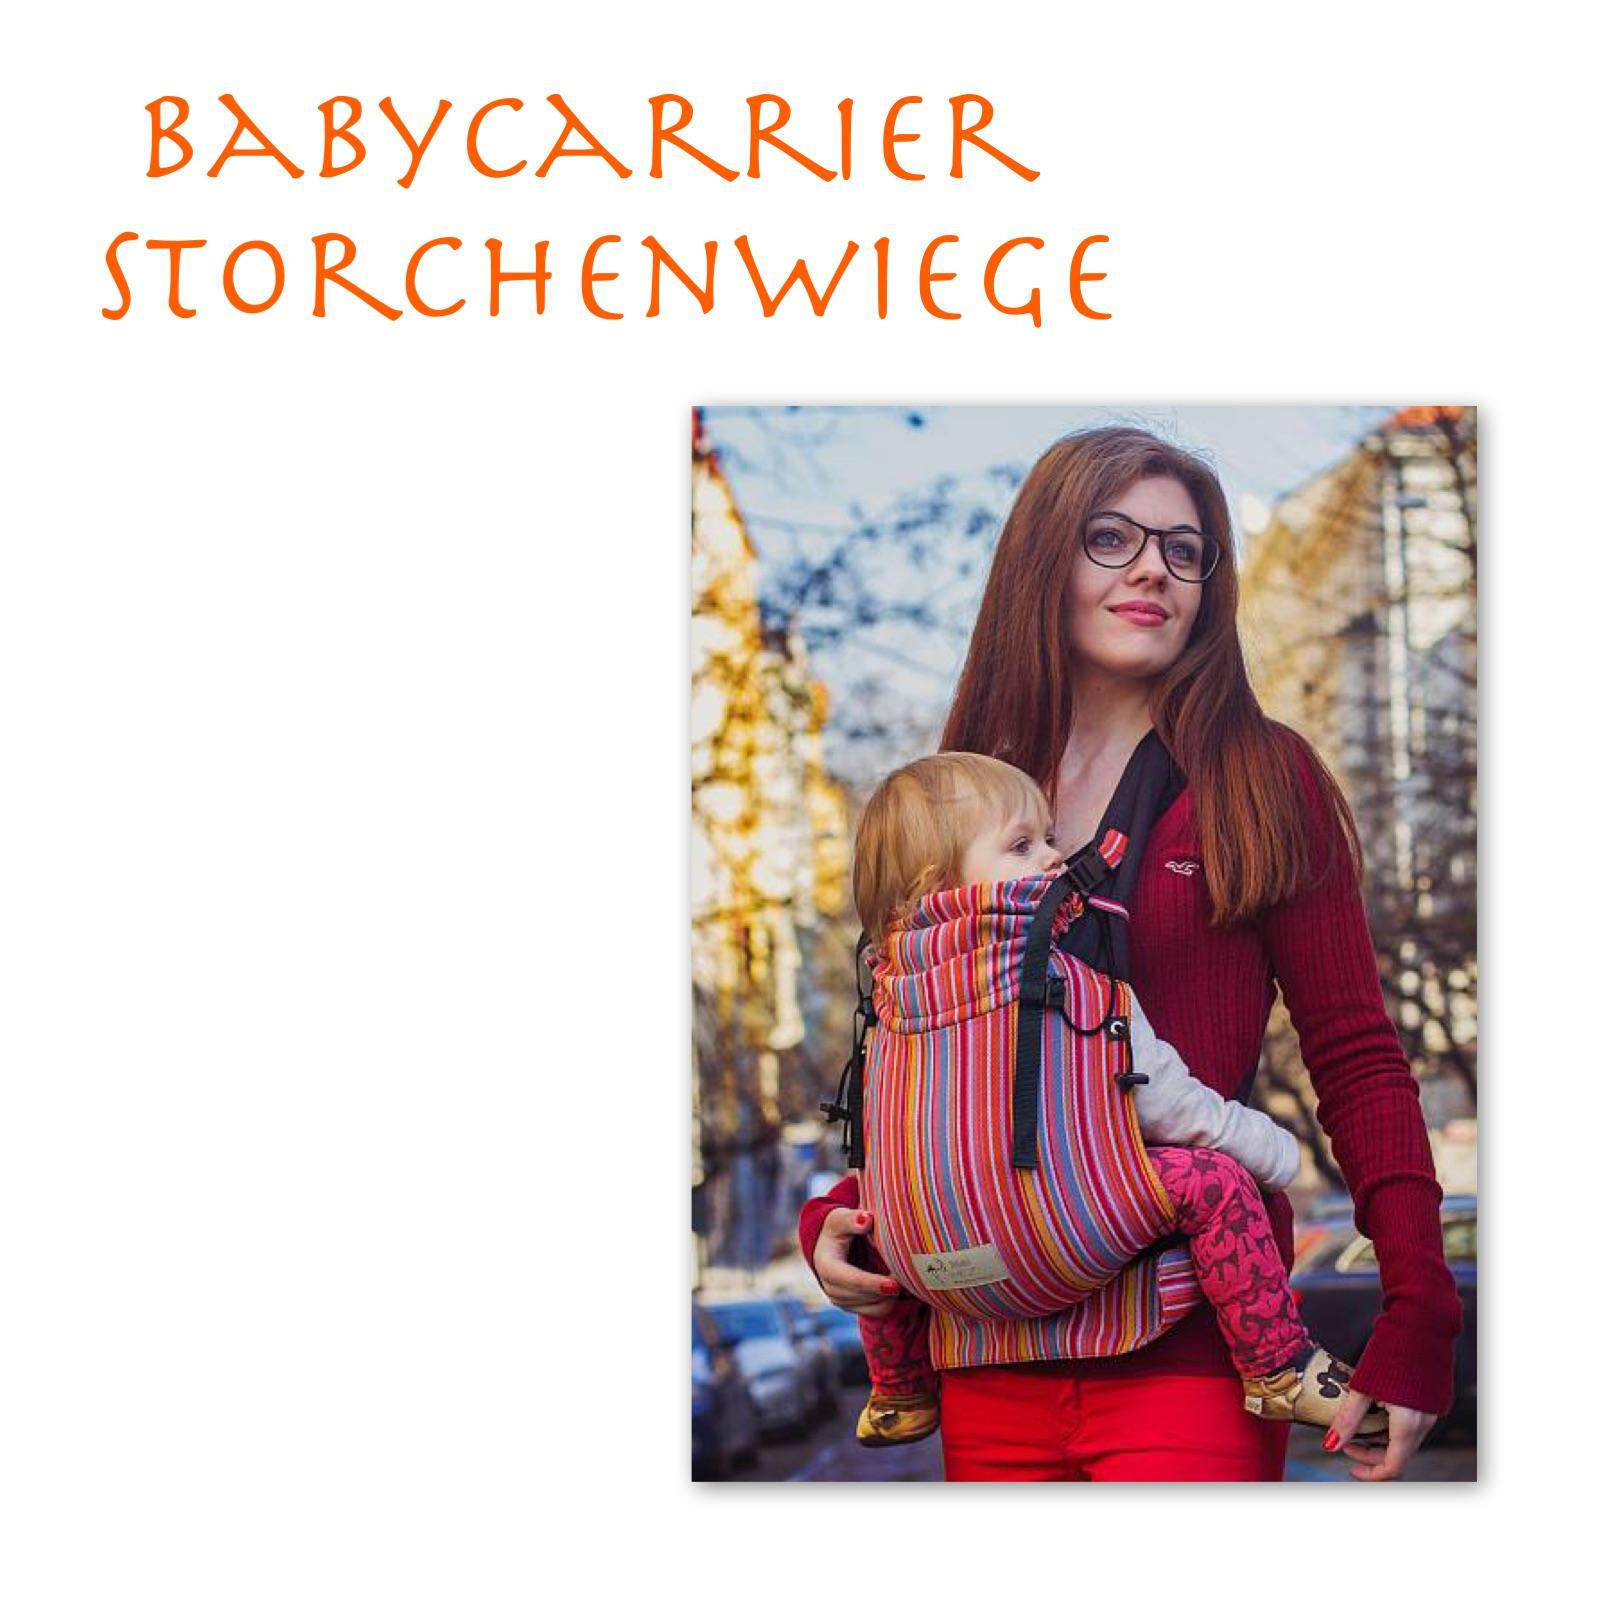 Babycarrier Storchenwiege